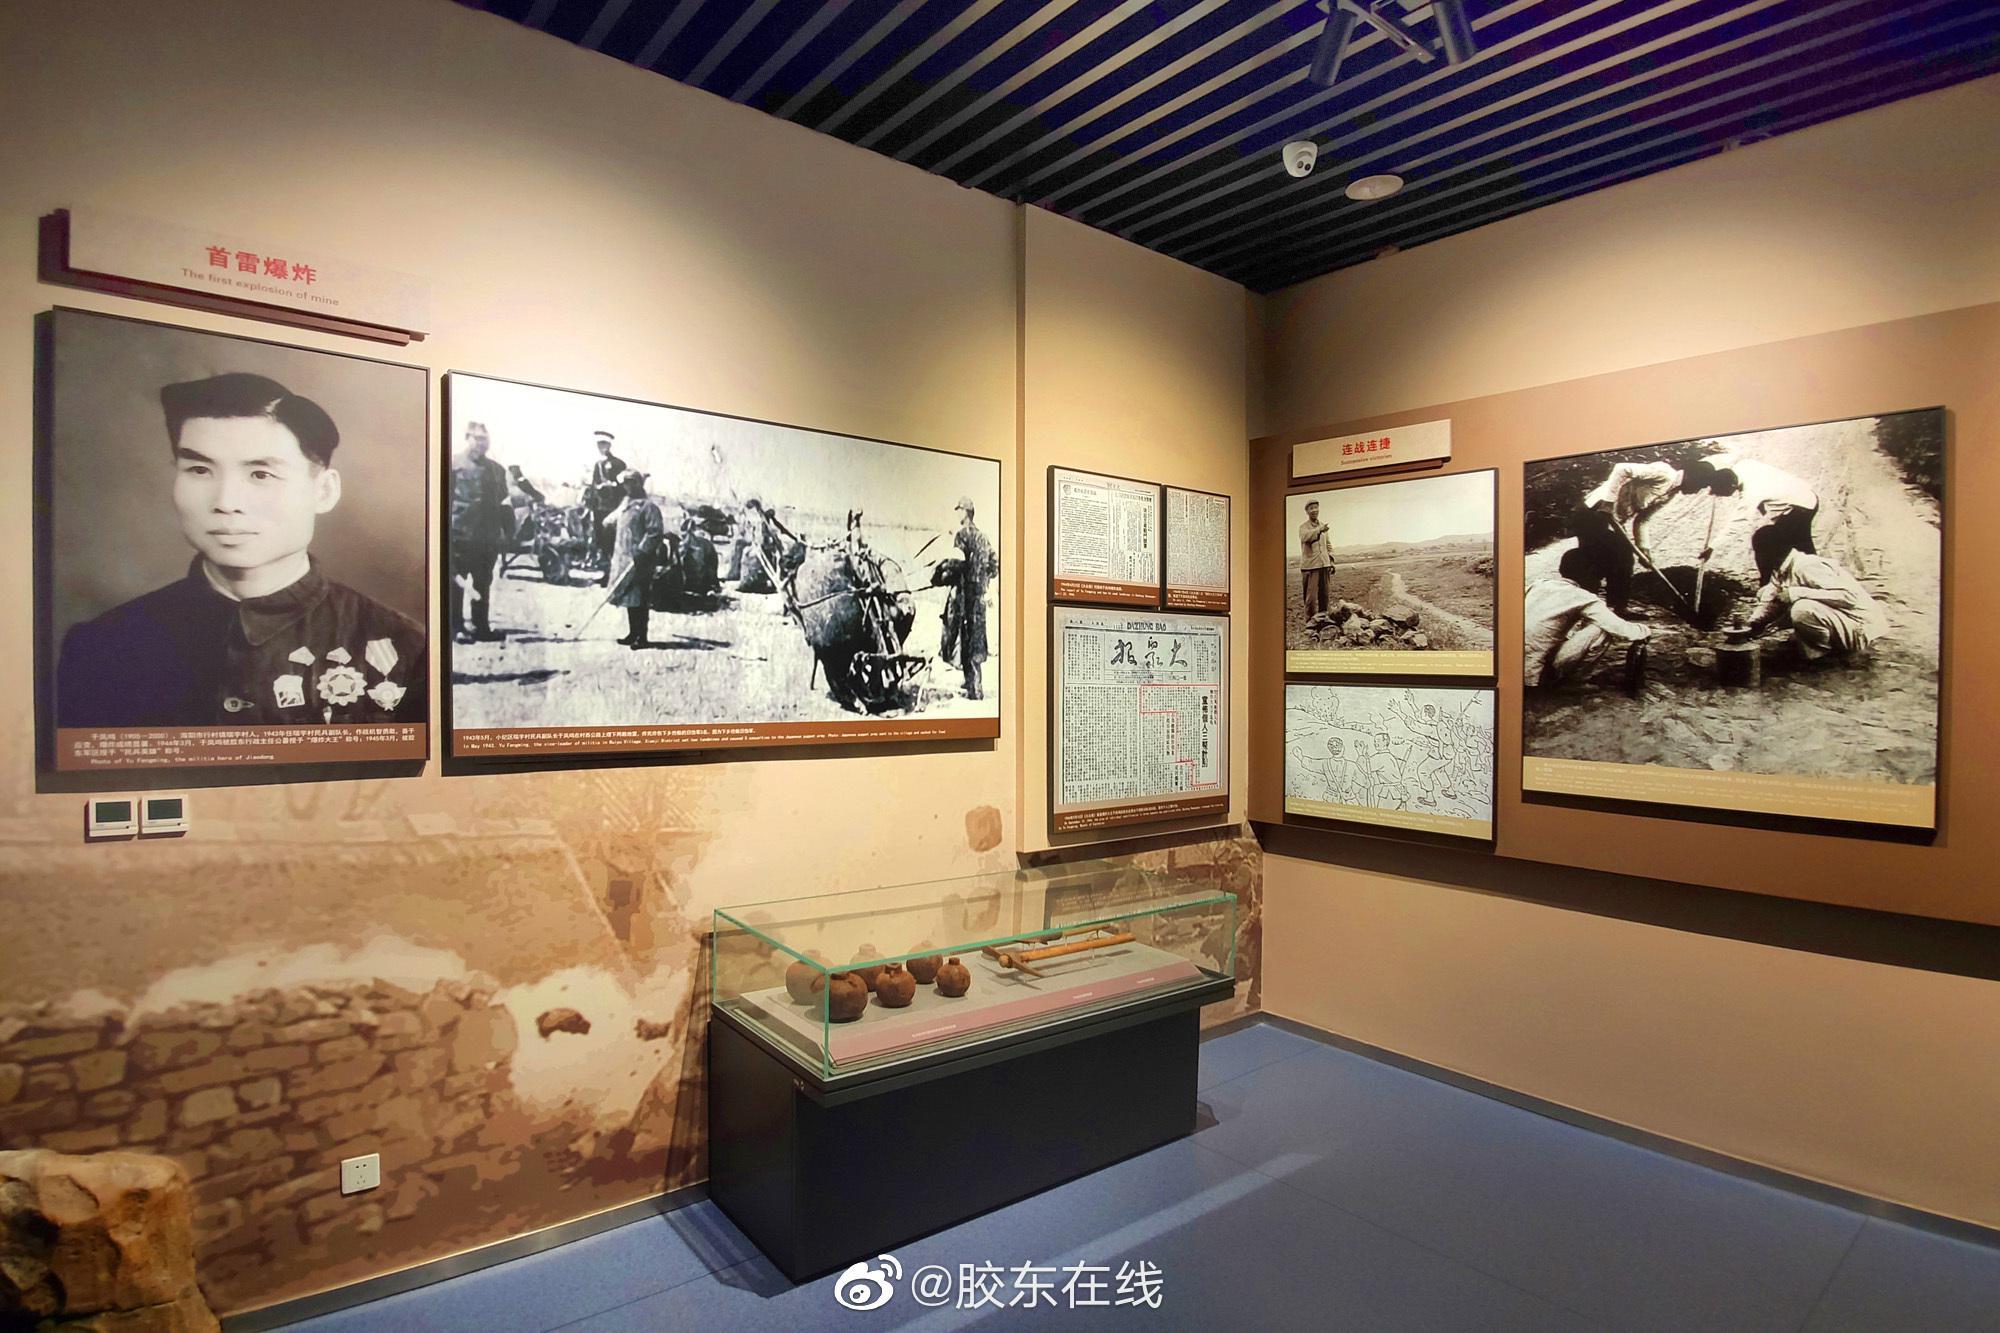 地雷战纪念馆是首批国家级抗战纪念设施……